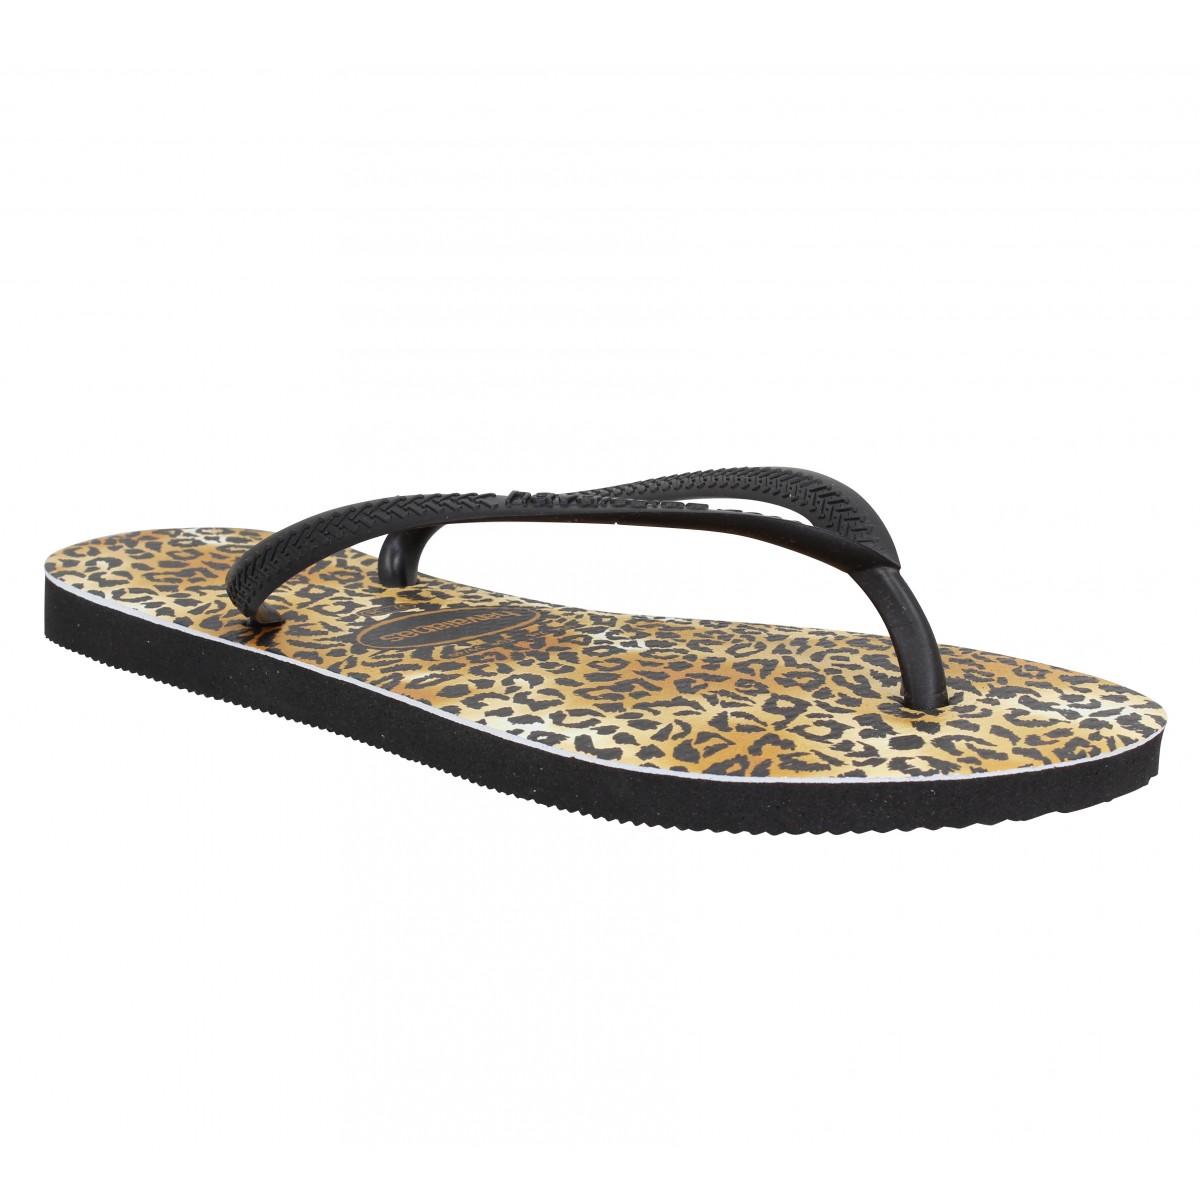 Tongs HAVAIANAS Slim Leopard caoutchouc Femme Noir